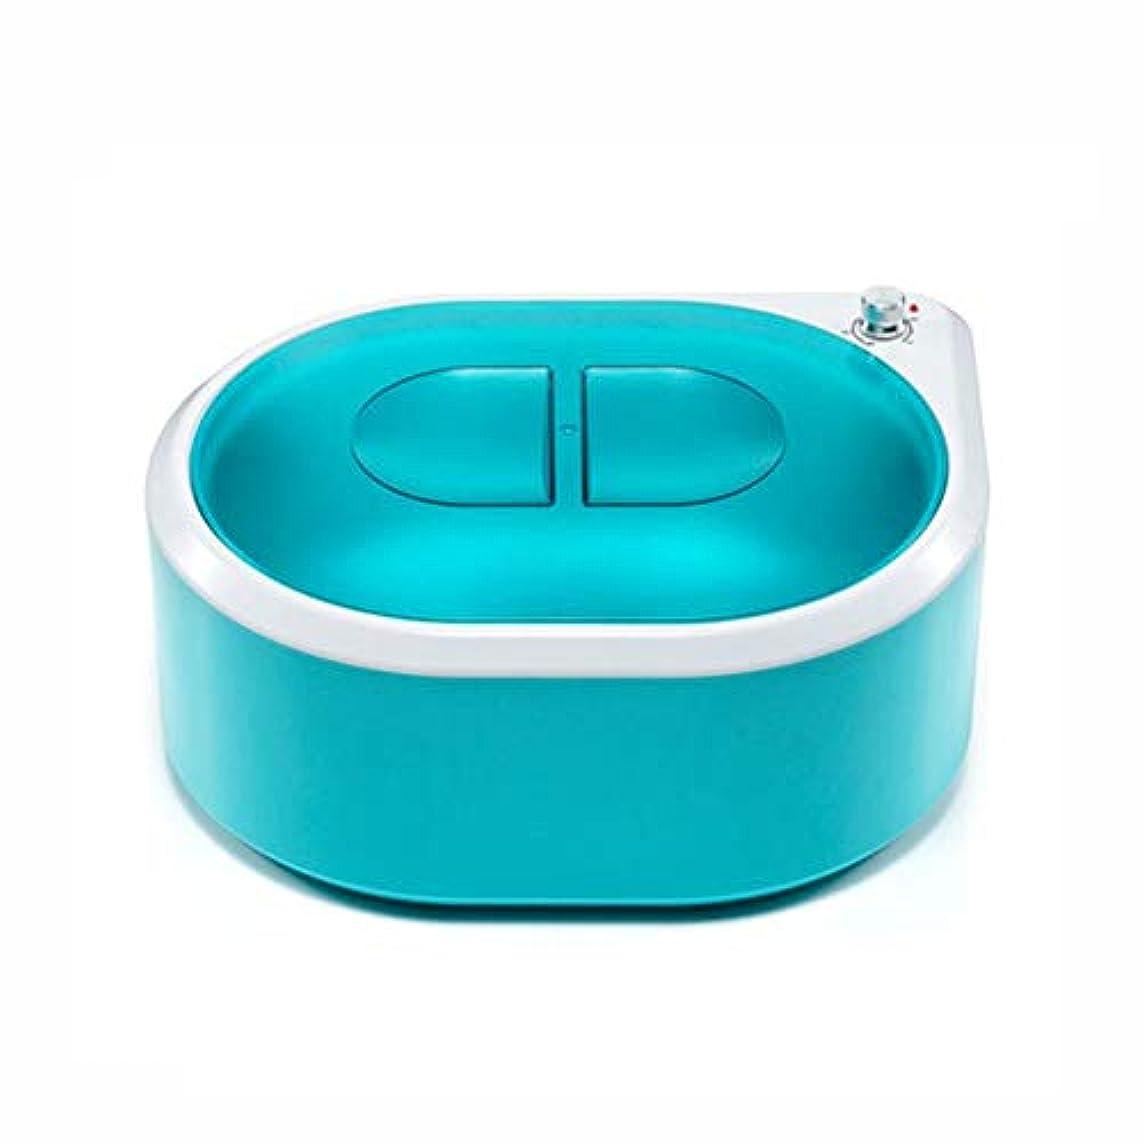 自分のために対称自発フェイスケアハンドケアフットケア&脱毛の熱パラフィン浴熱療法用ワックスヒーター機,グリーン